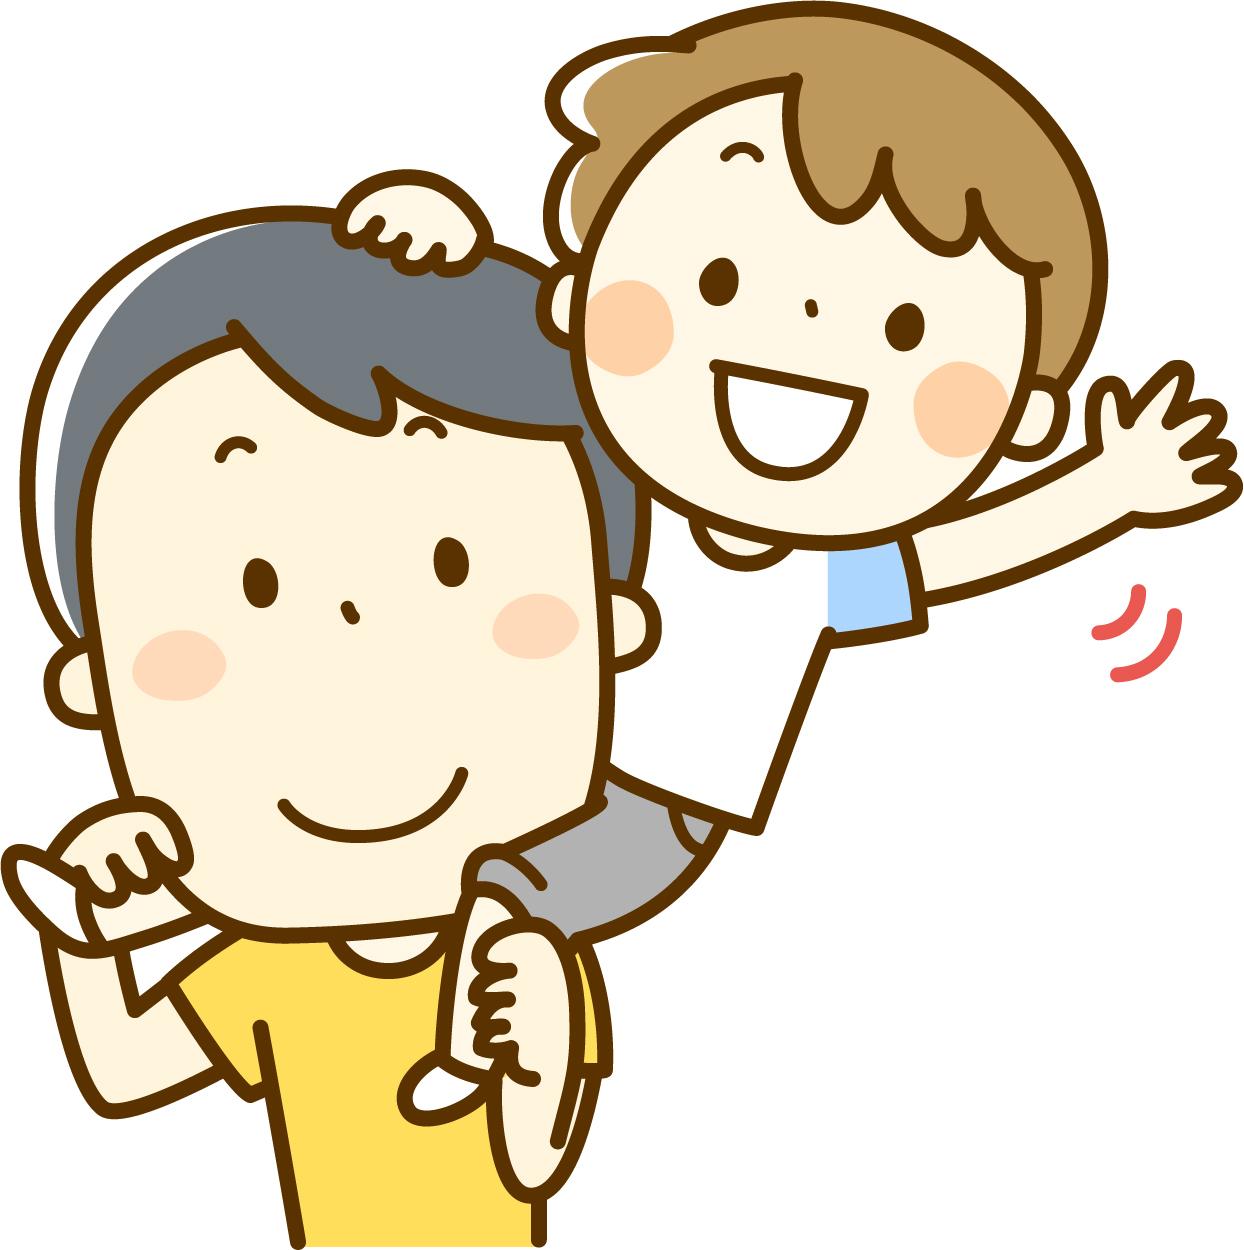 自粛疲れで兄弟喧嘩。妹が邪魔ばかりでイライラするお兄ちゃん。特別な時間で勇気づけ。